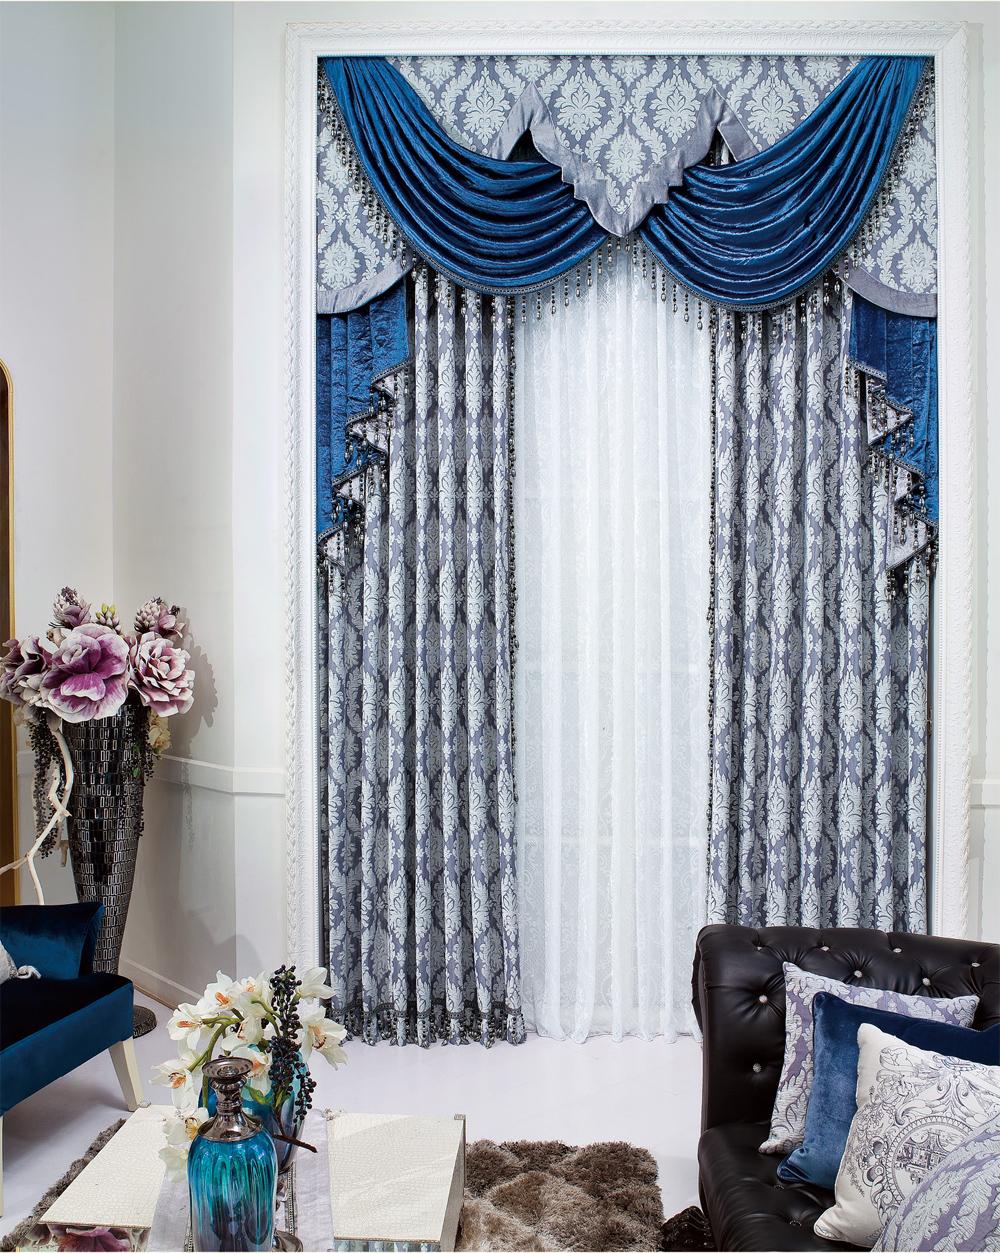 欧式窗帘帘头的做法_经典欧式风格窗帘|欧式窗帘|上海文宗缘商贸有限公司